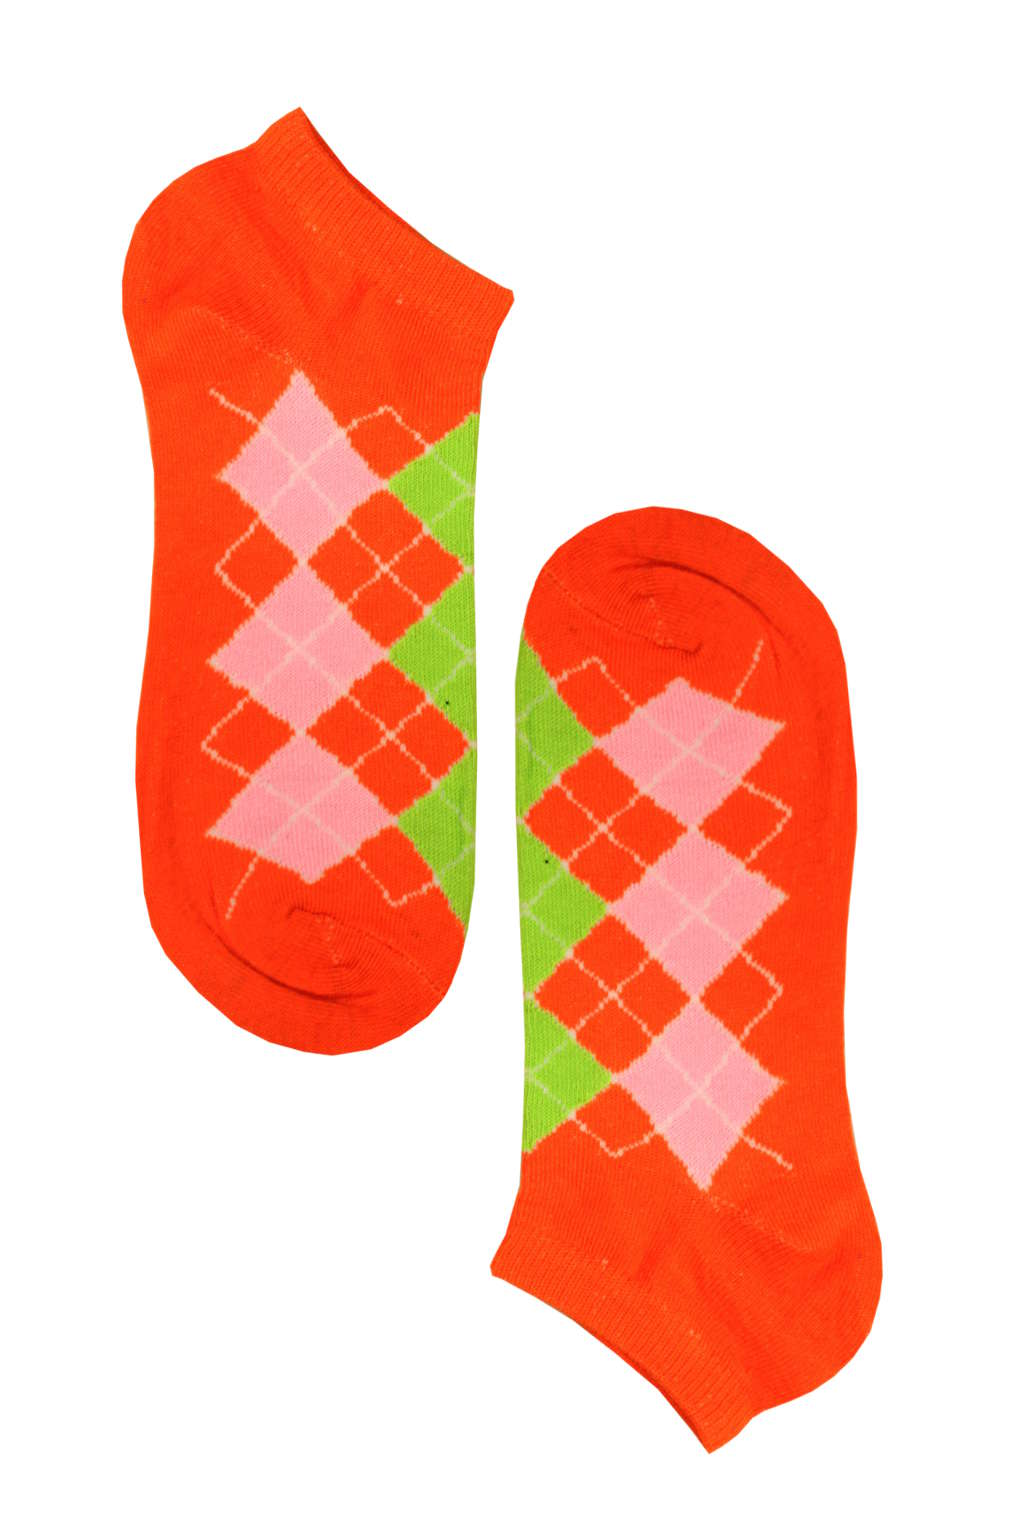 Objevte veselé barevné ponožky. Jsou šik a hravé! 392fdb7762